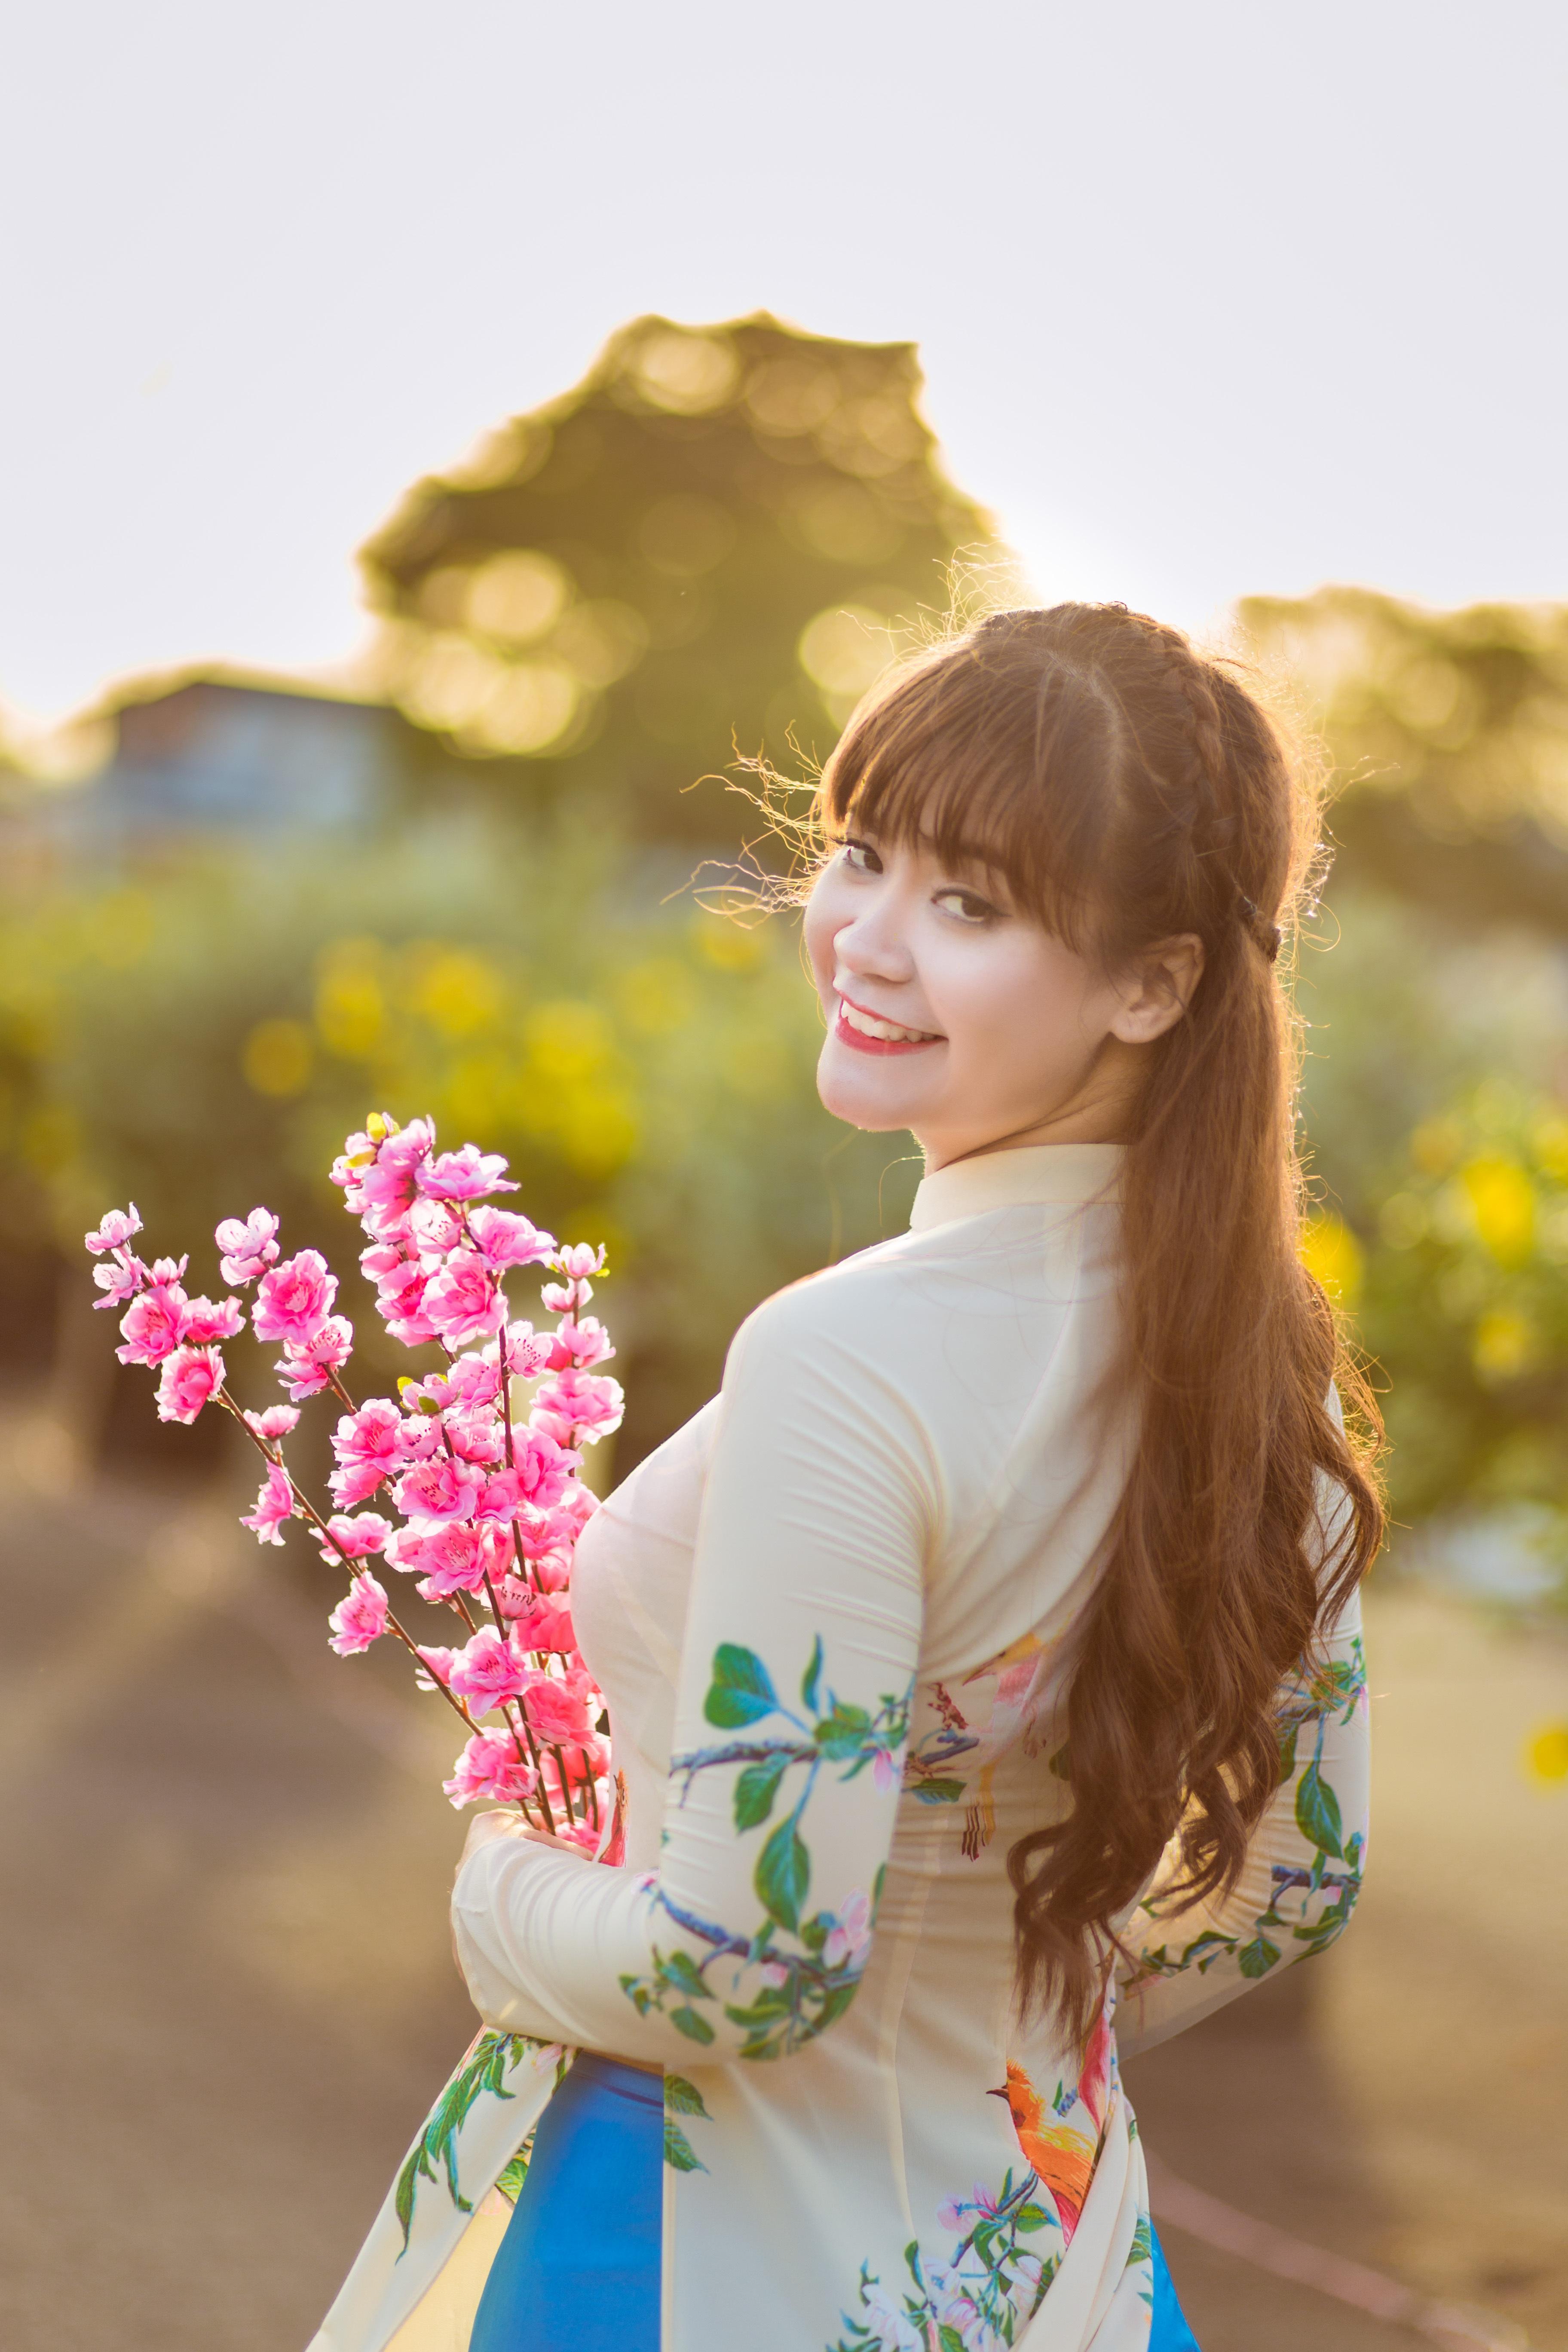 Gambar Menanam Gadis Musim Semi Kuning Berwarna Merah Muda